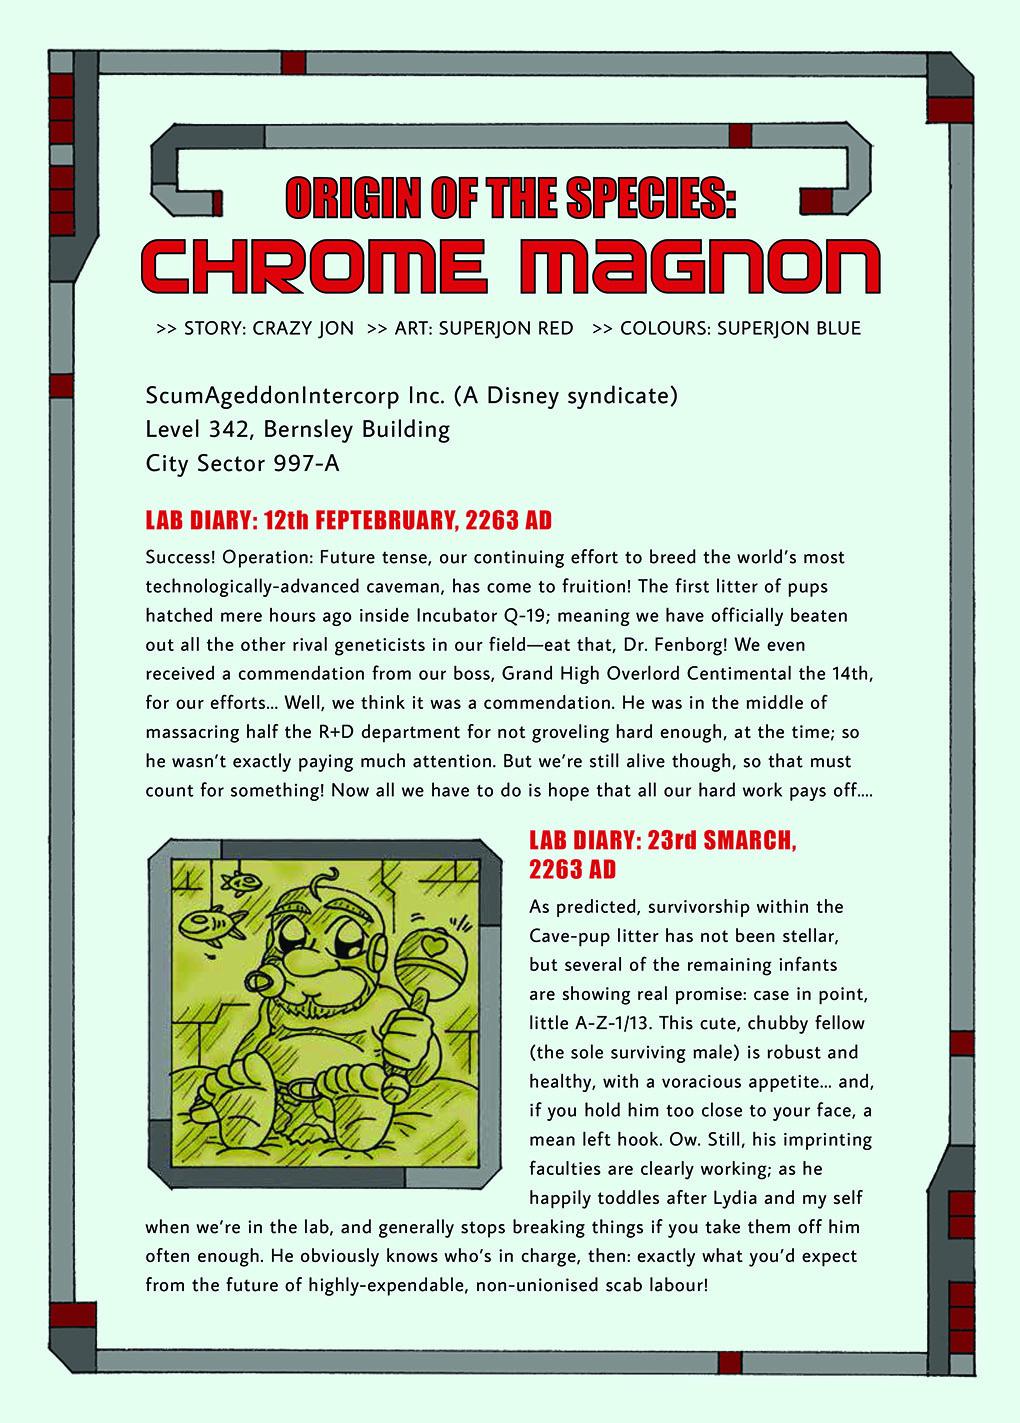 Origin of the Species: Chrome Magnon 1